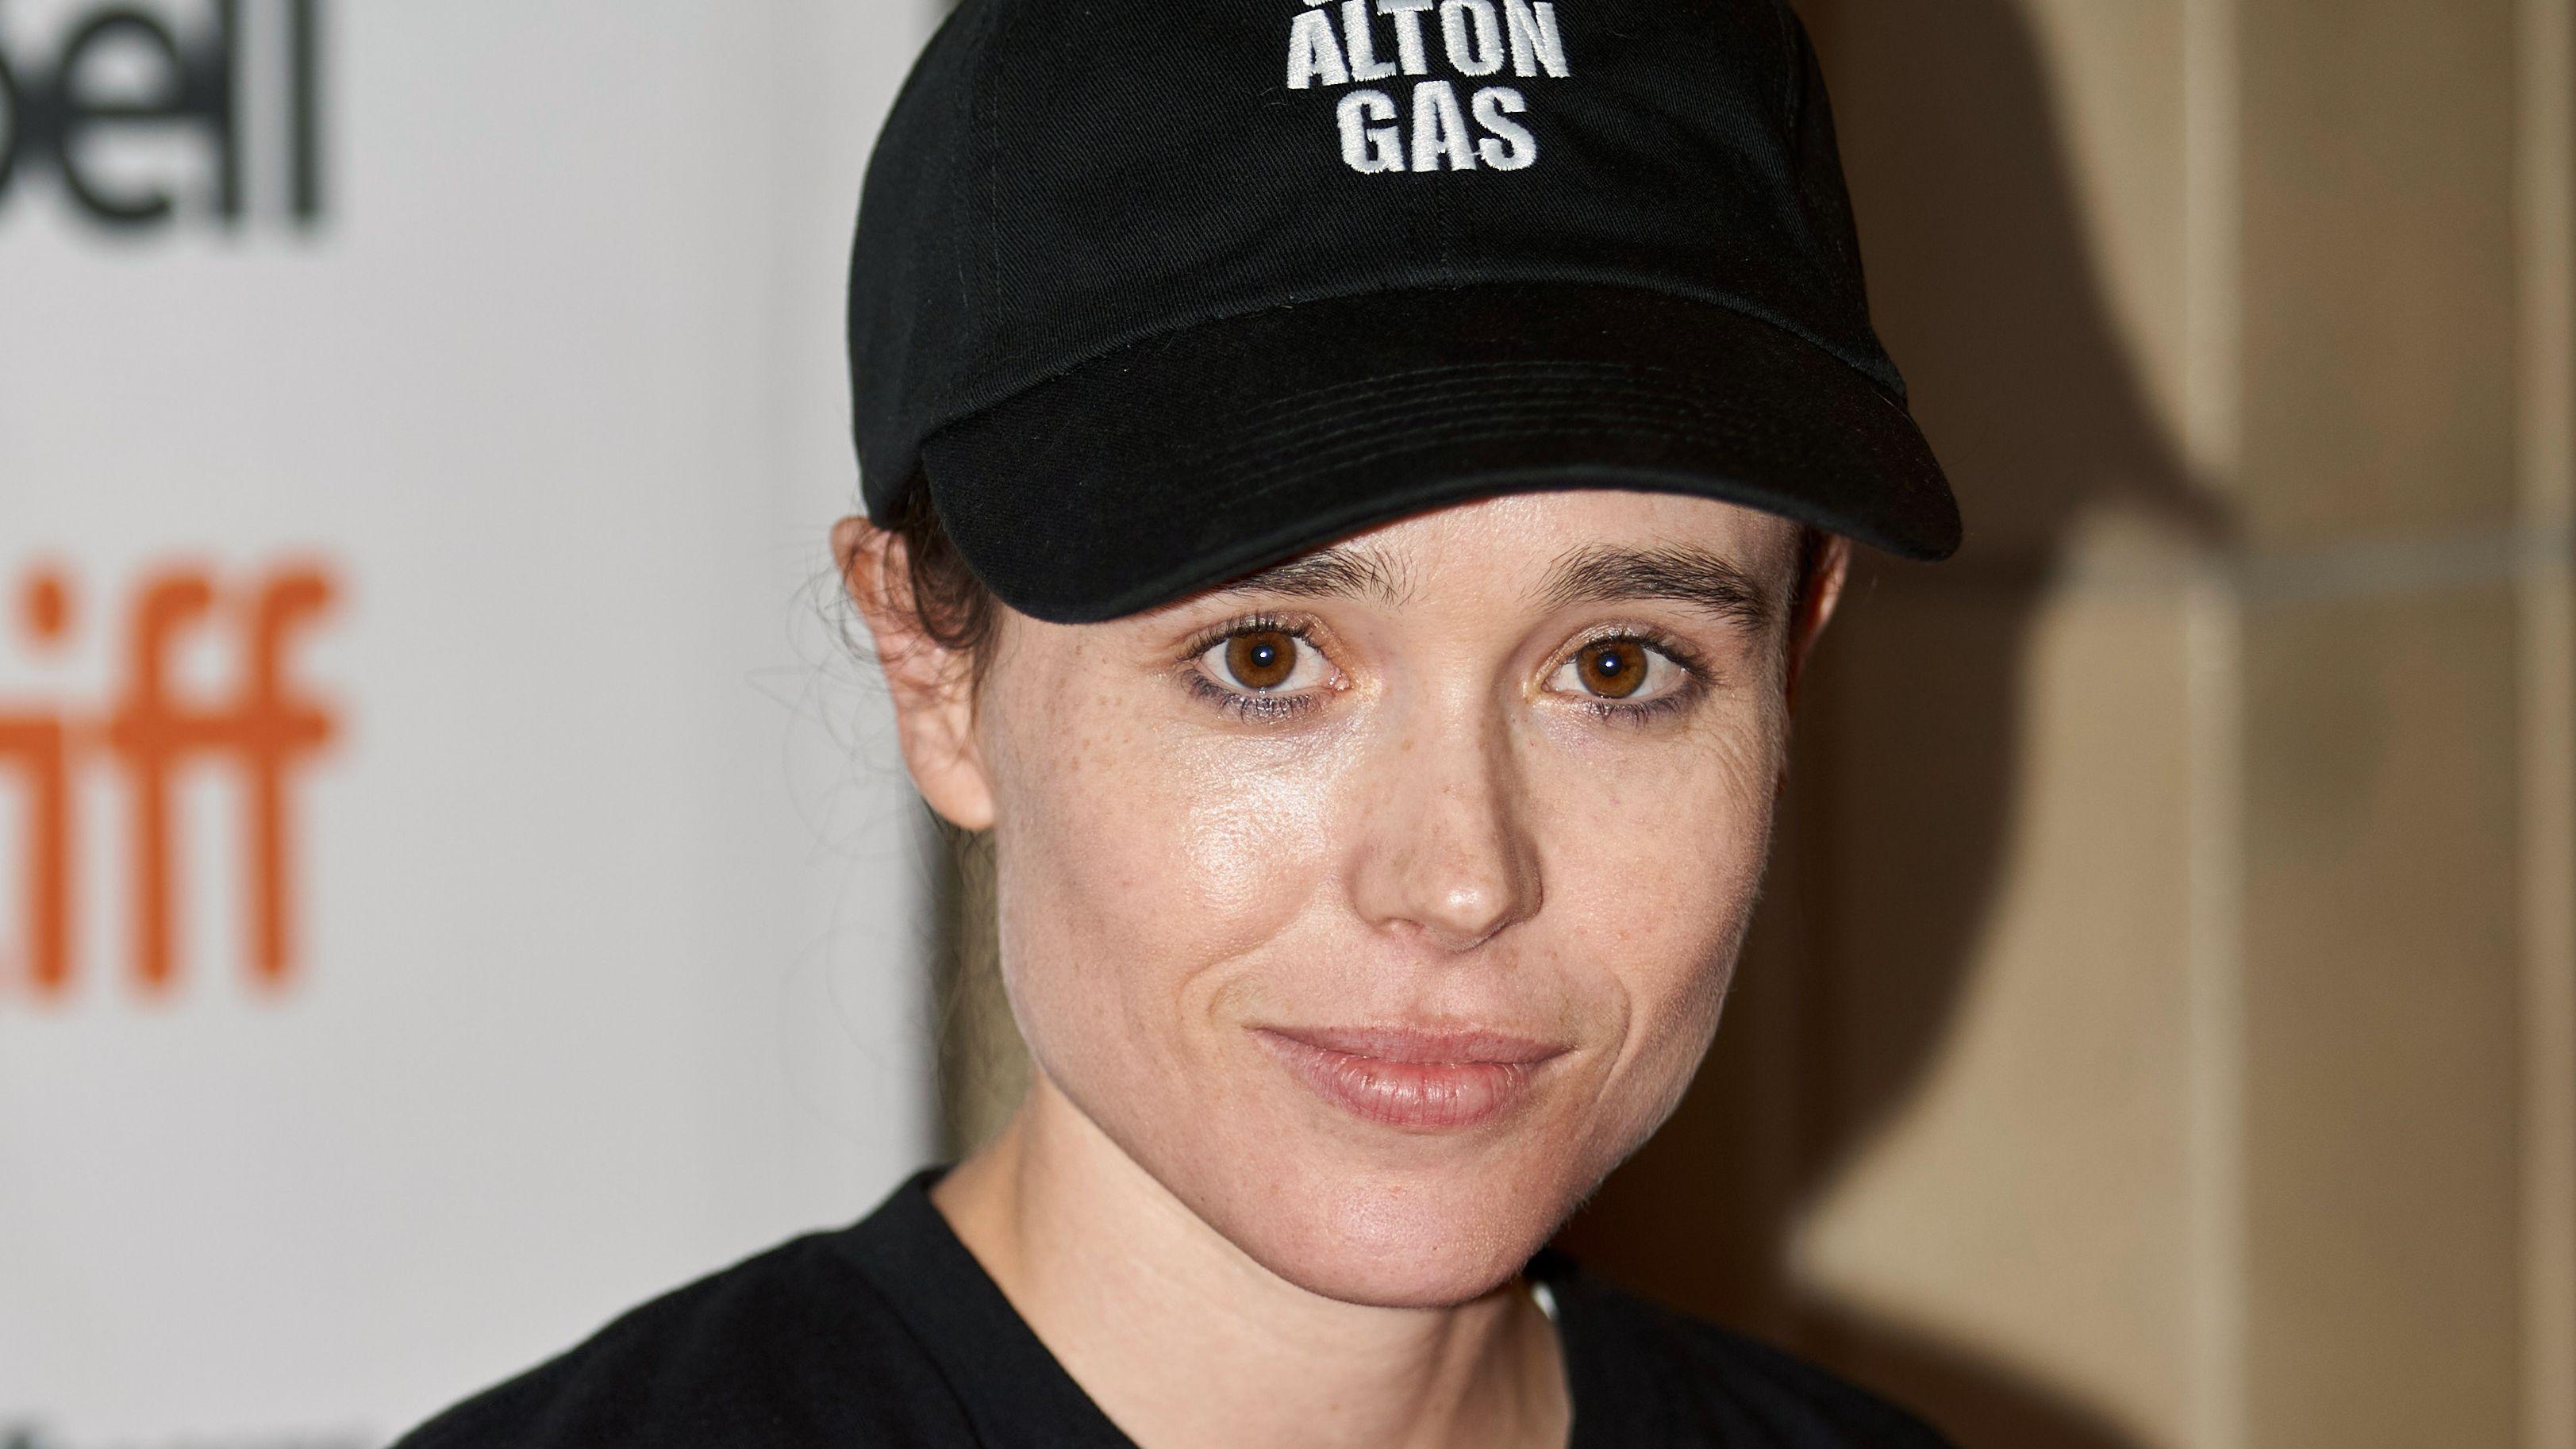 """Elliot Page, la estrella de """"Juno"""", contó que es un hombre trans: """"Es extraordinario amar lo que soy"""""""